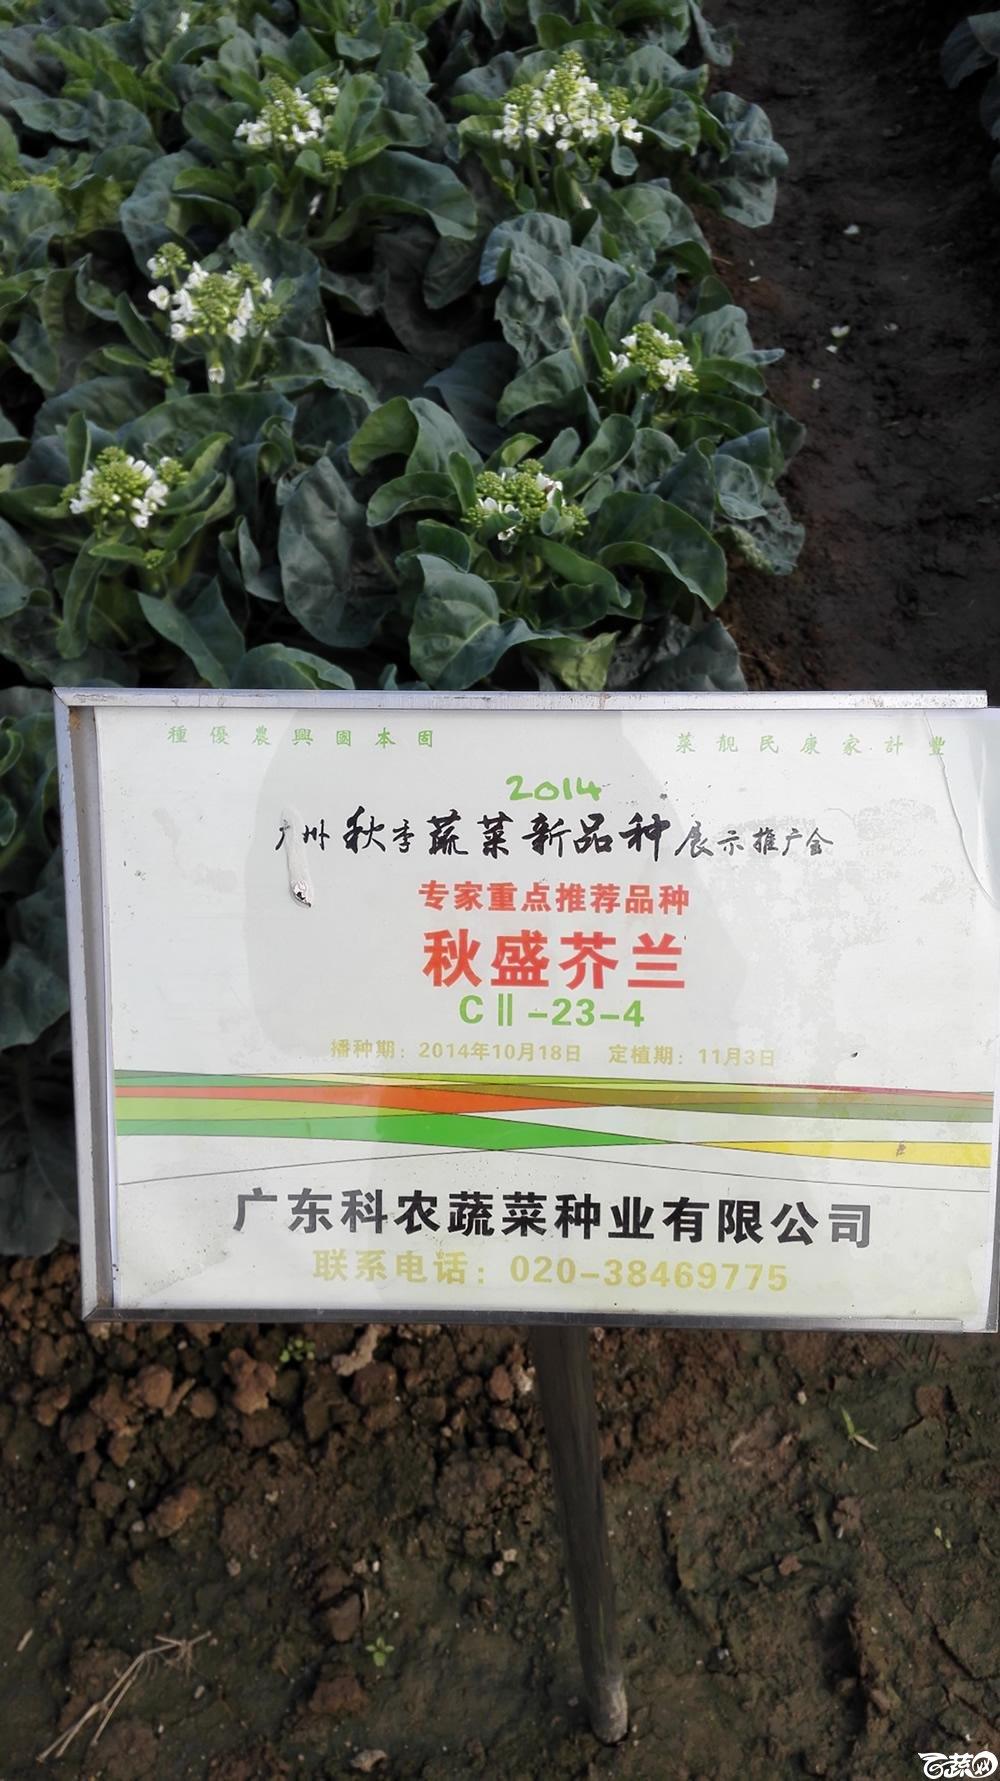 2014年12月10号广州市农科院南沙秋季蔬菜新品种展示会_叶菜_204.jpg